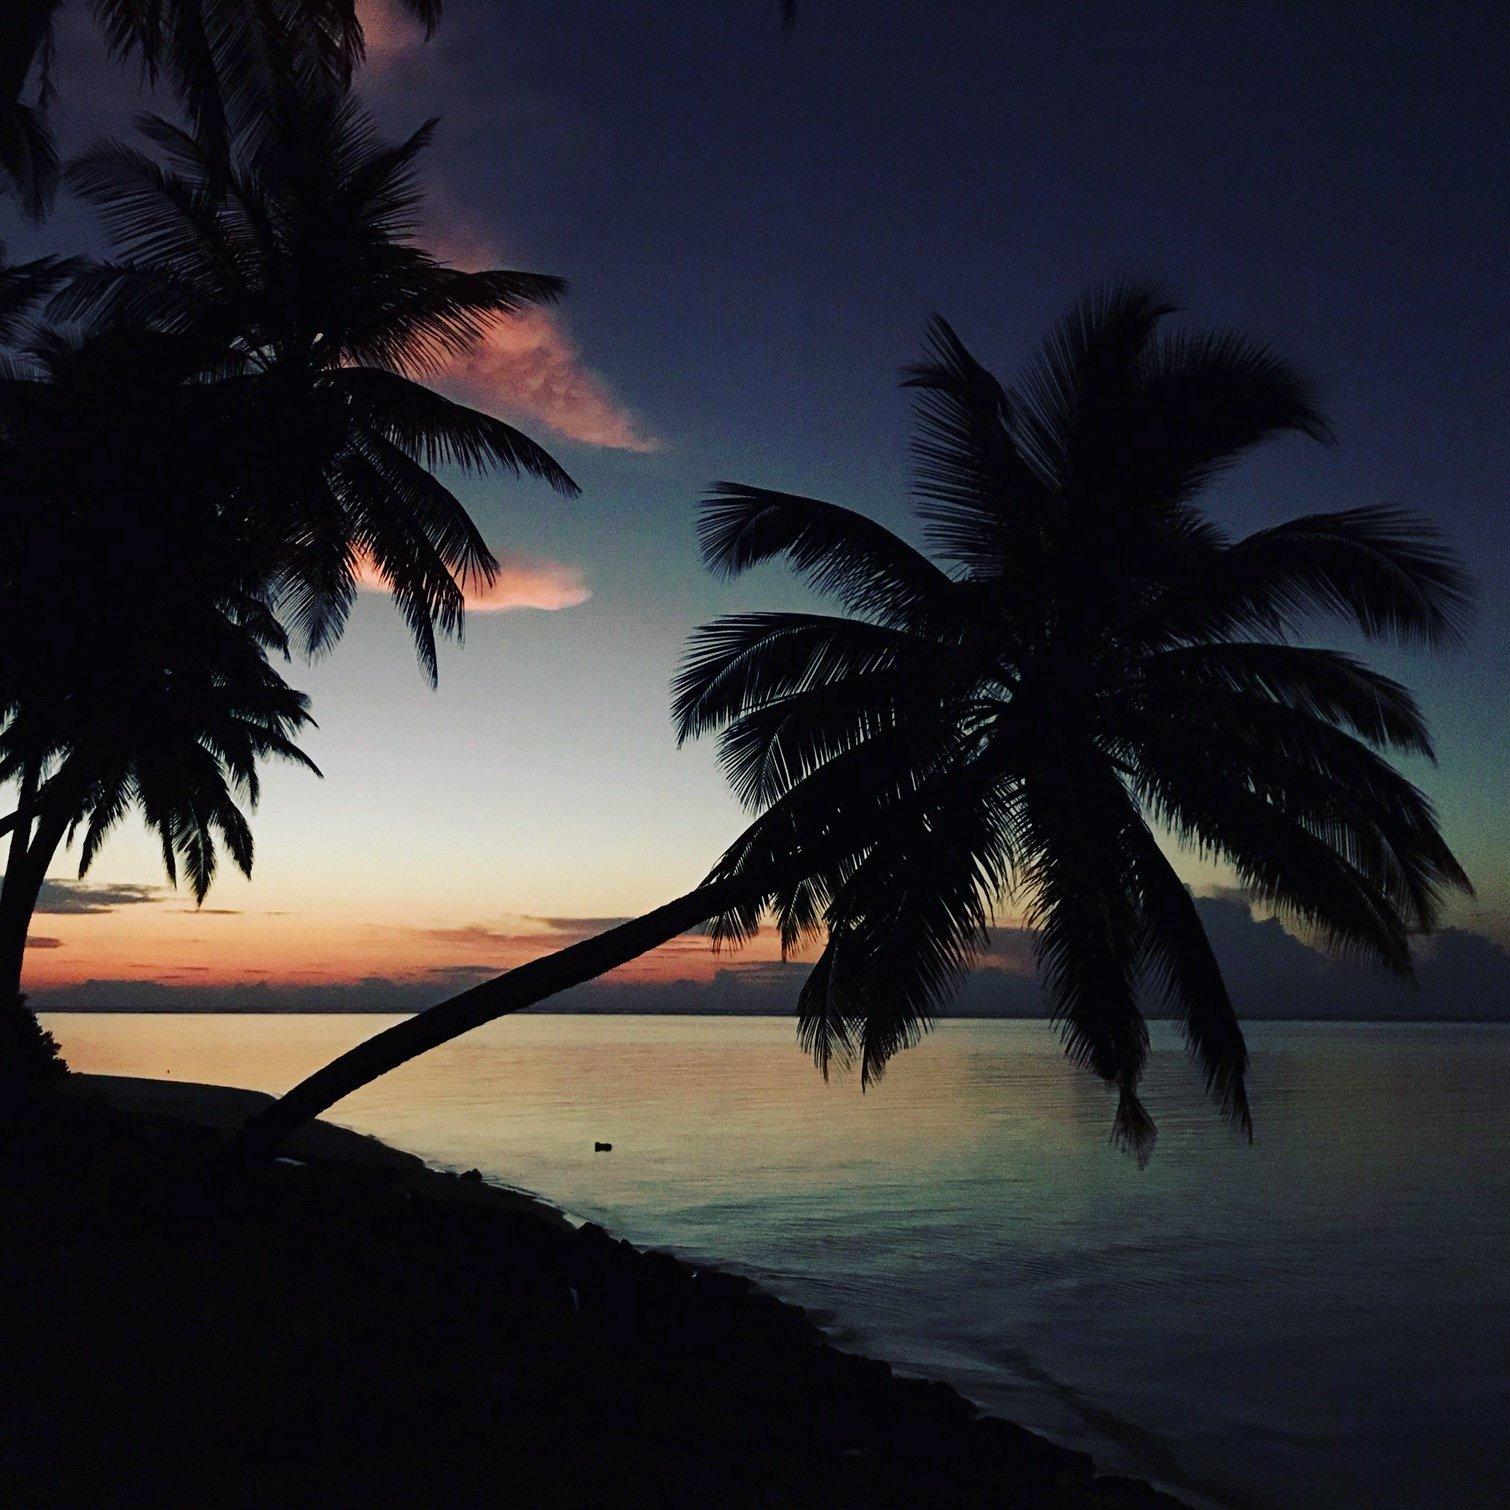 красивые пальмы на острове Мативери, Мальдивы